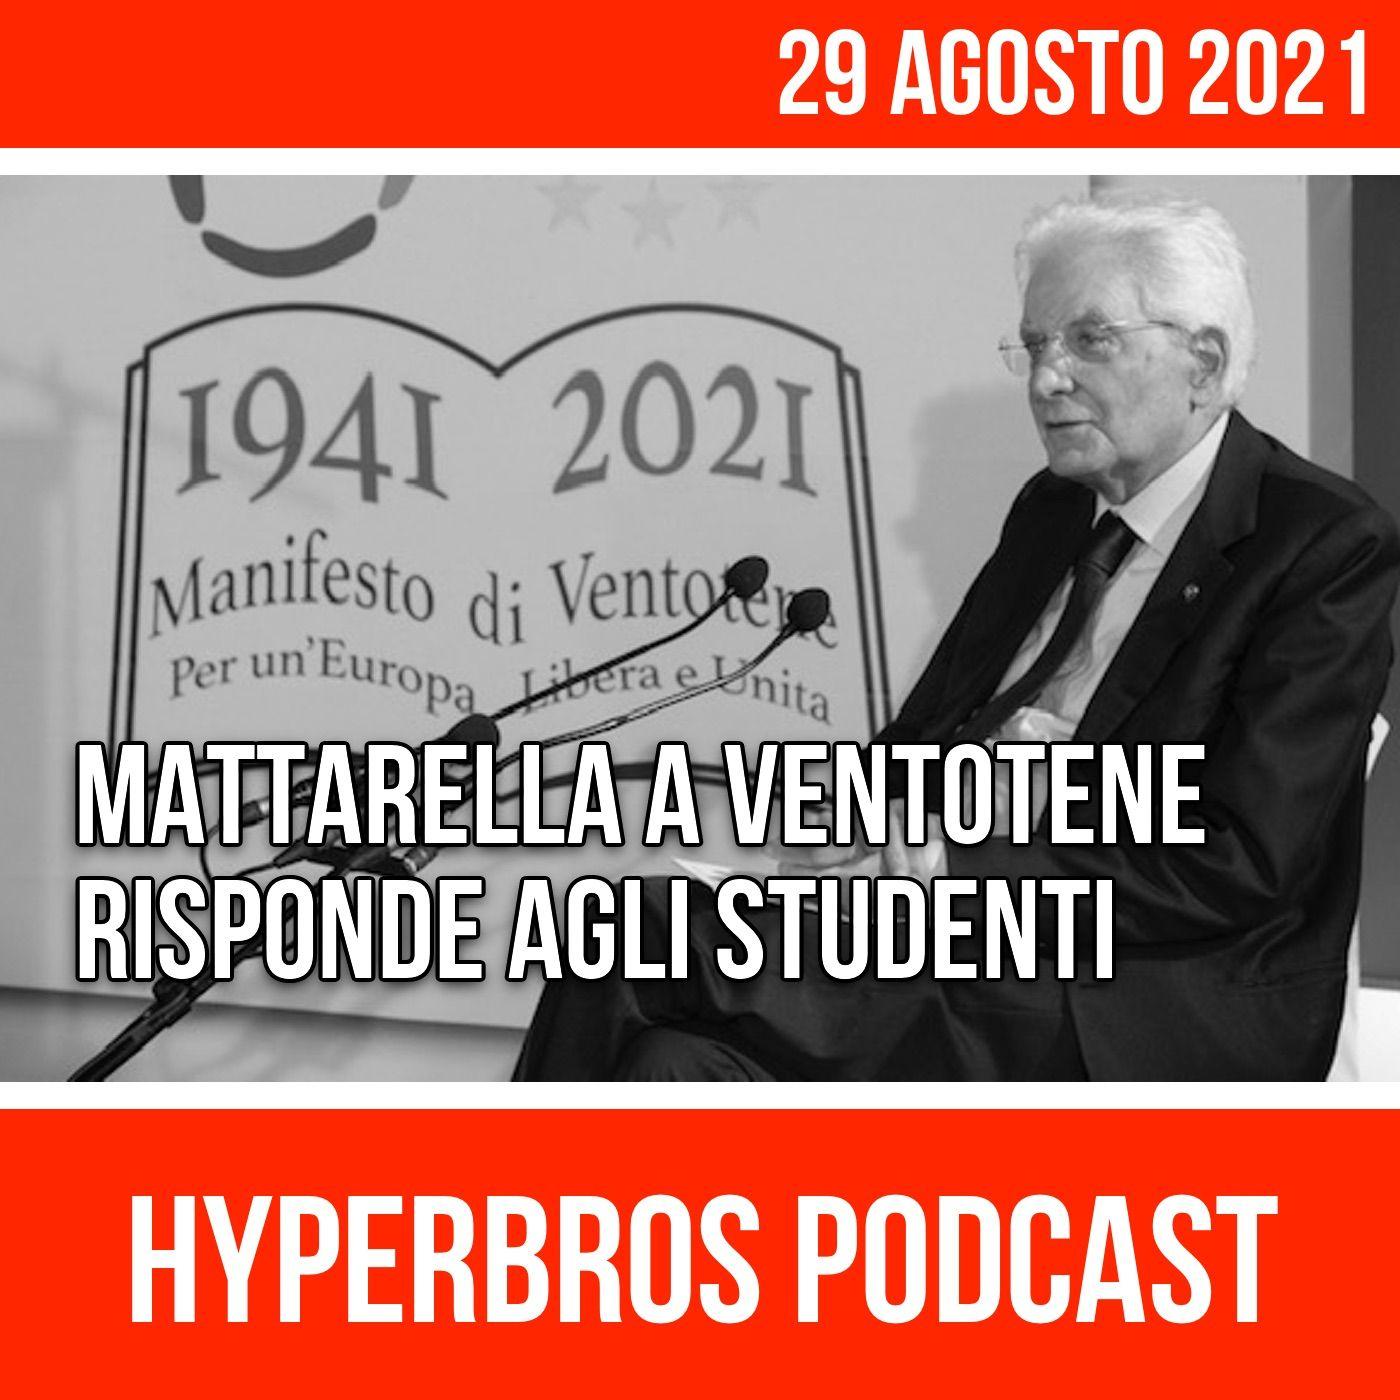 Sergio Mattarella a Ventotene risponde agli studenti